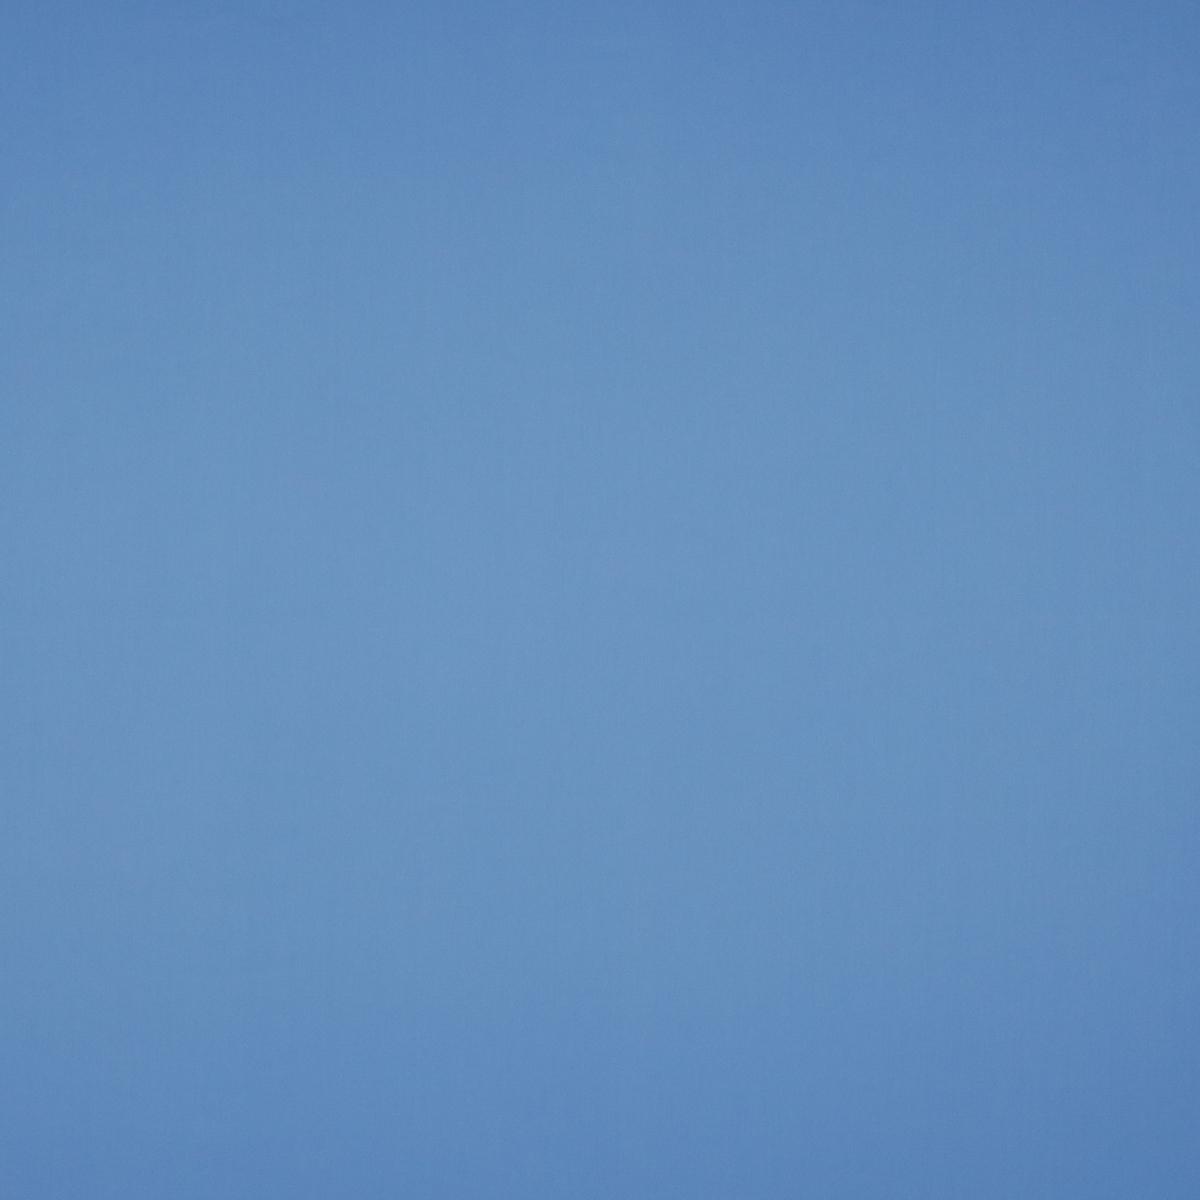 Лёгкая хлопковая рогожка голубого цвета